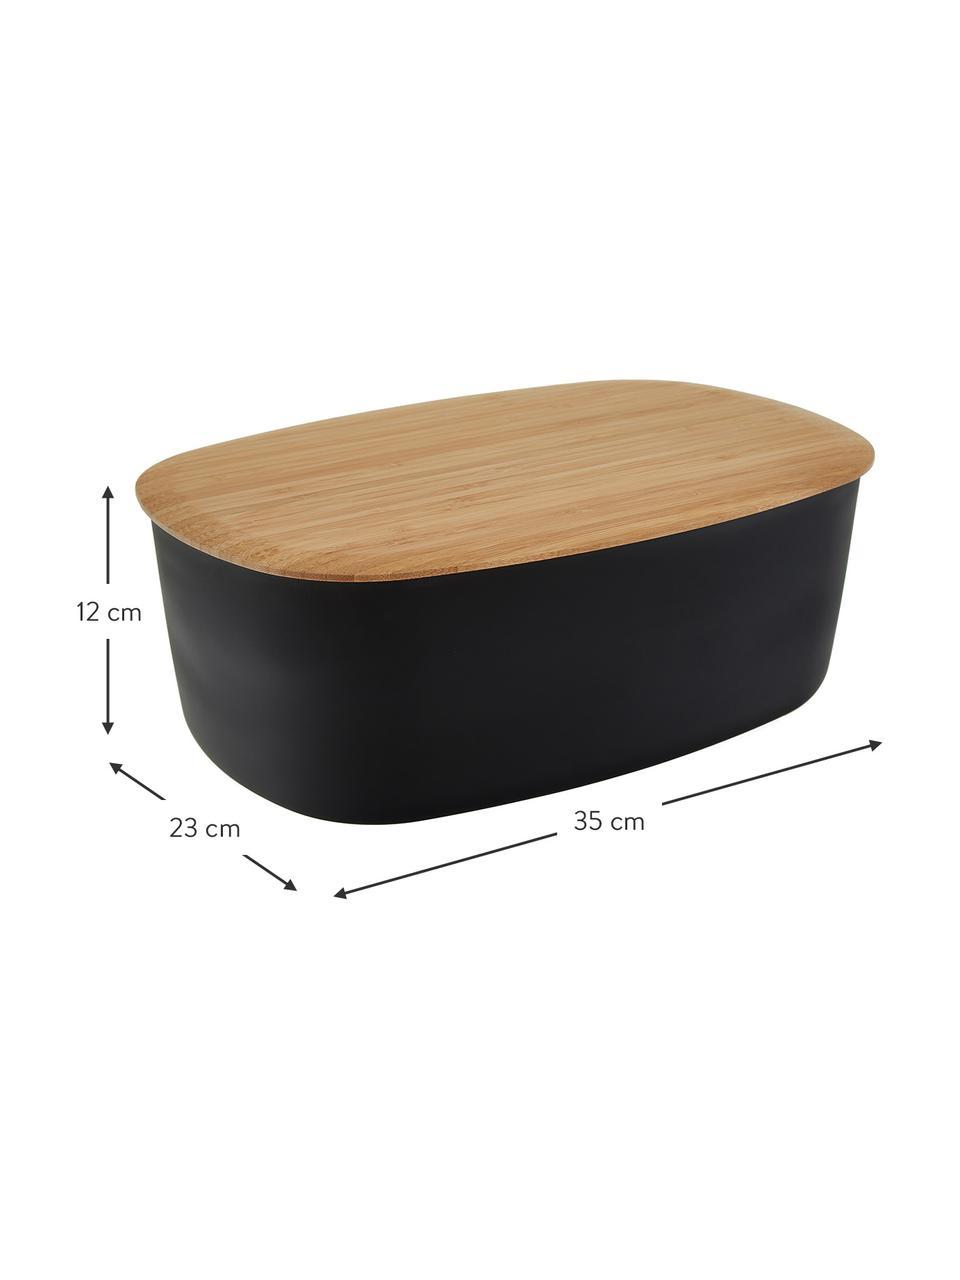 Portapane nero di design con tagliere come coperchio Box-It, Coperchio: bambù, Contenitore: nero Coperchio: marrone, Larg. 35 x Alt. 12 cm